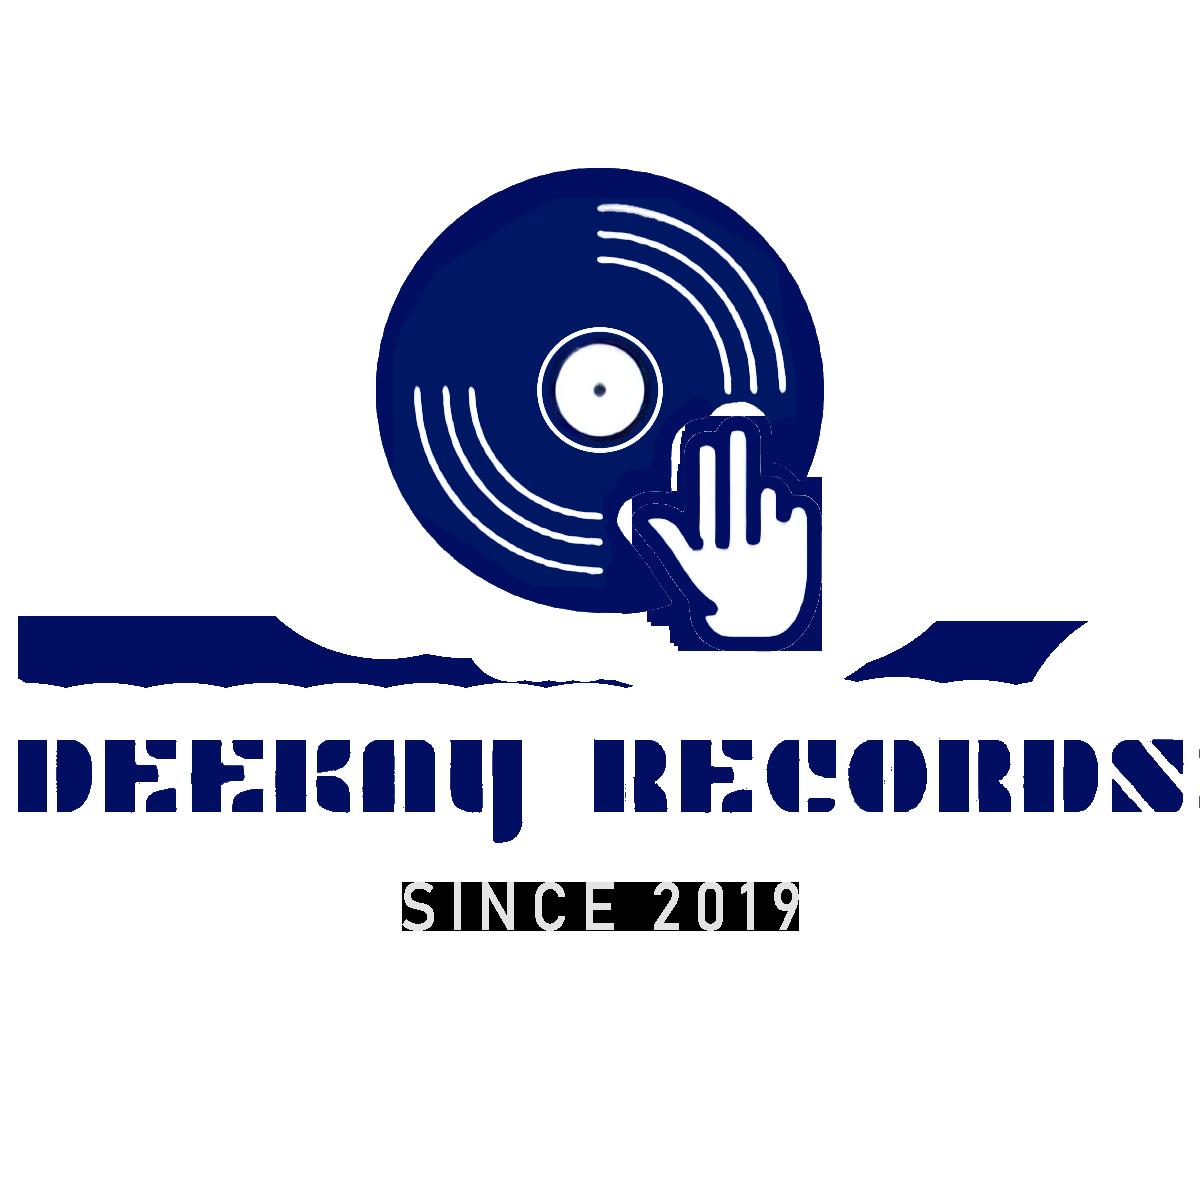 DeeKay Records - Since 2019